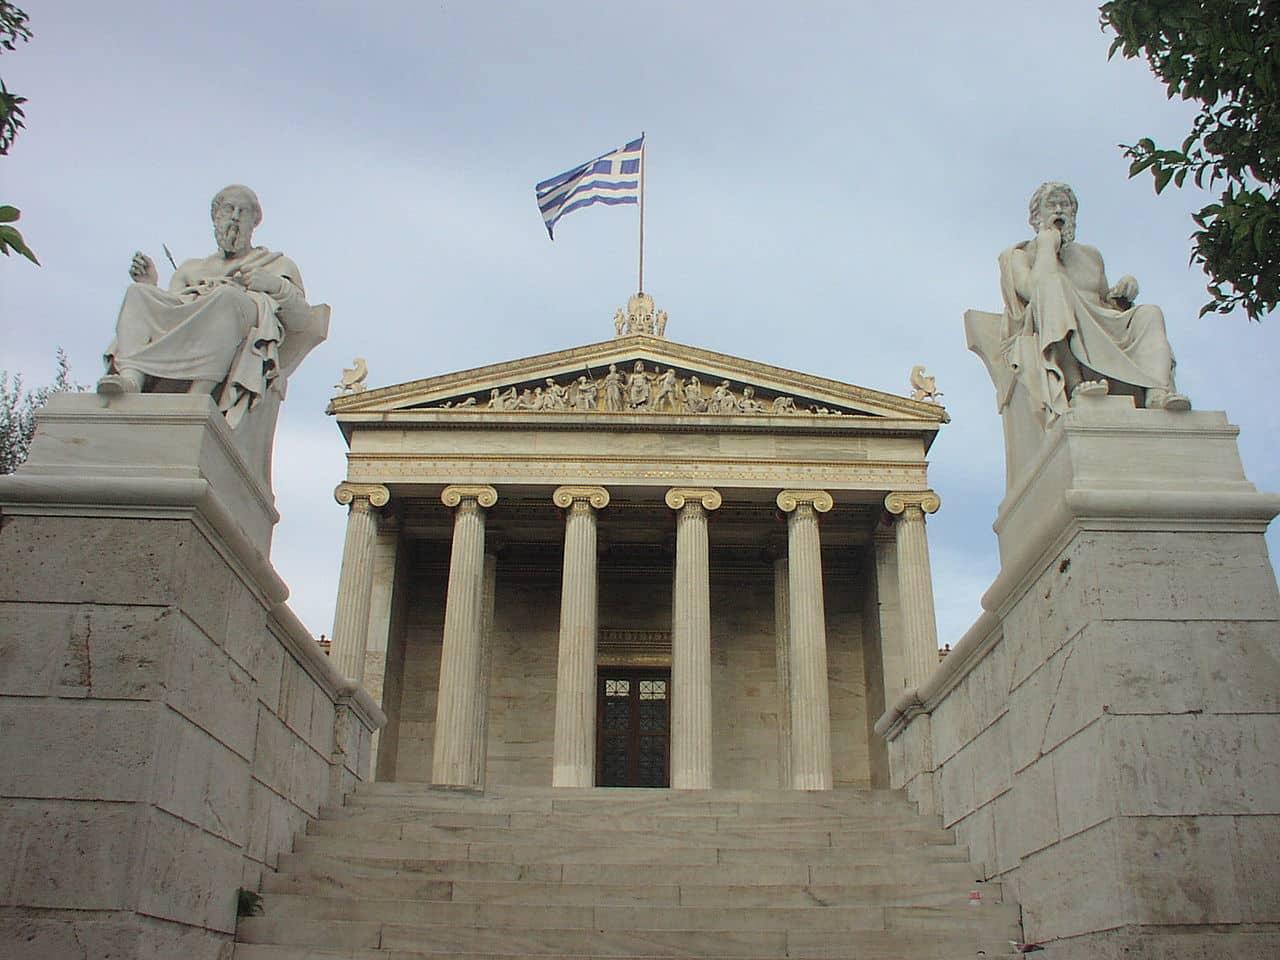 Dicas de turismo em Atenas